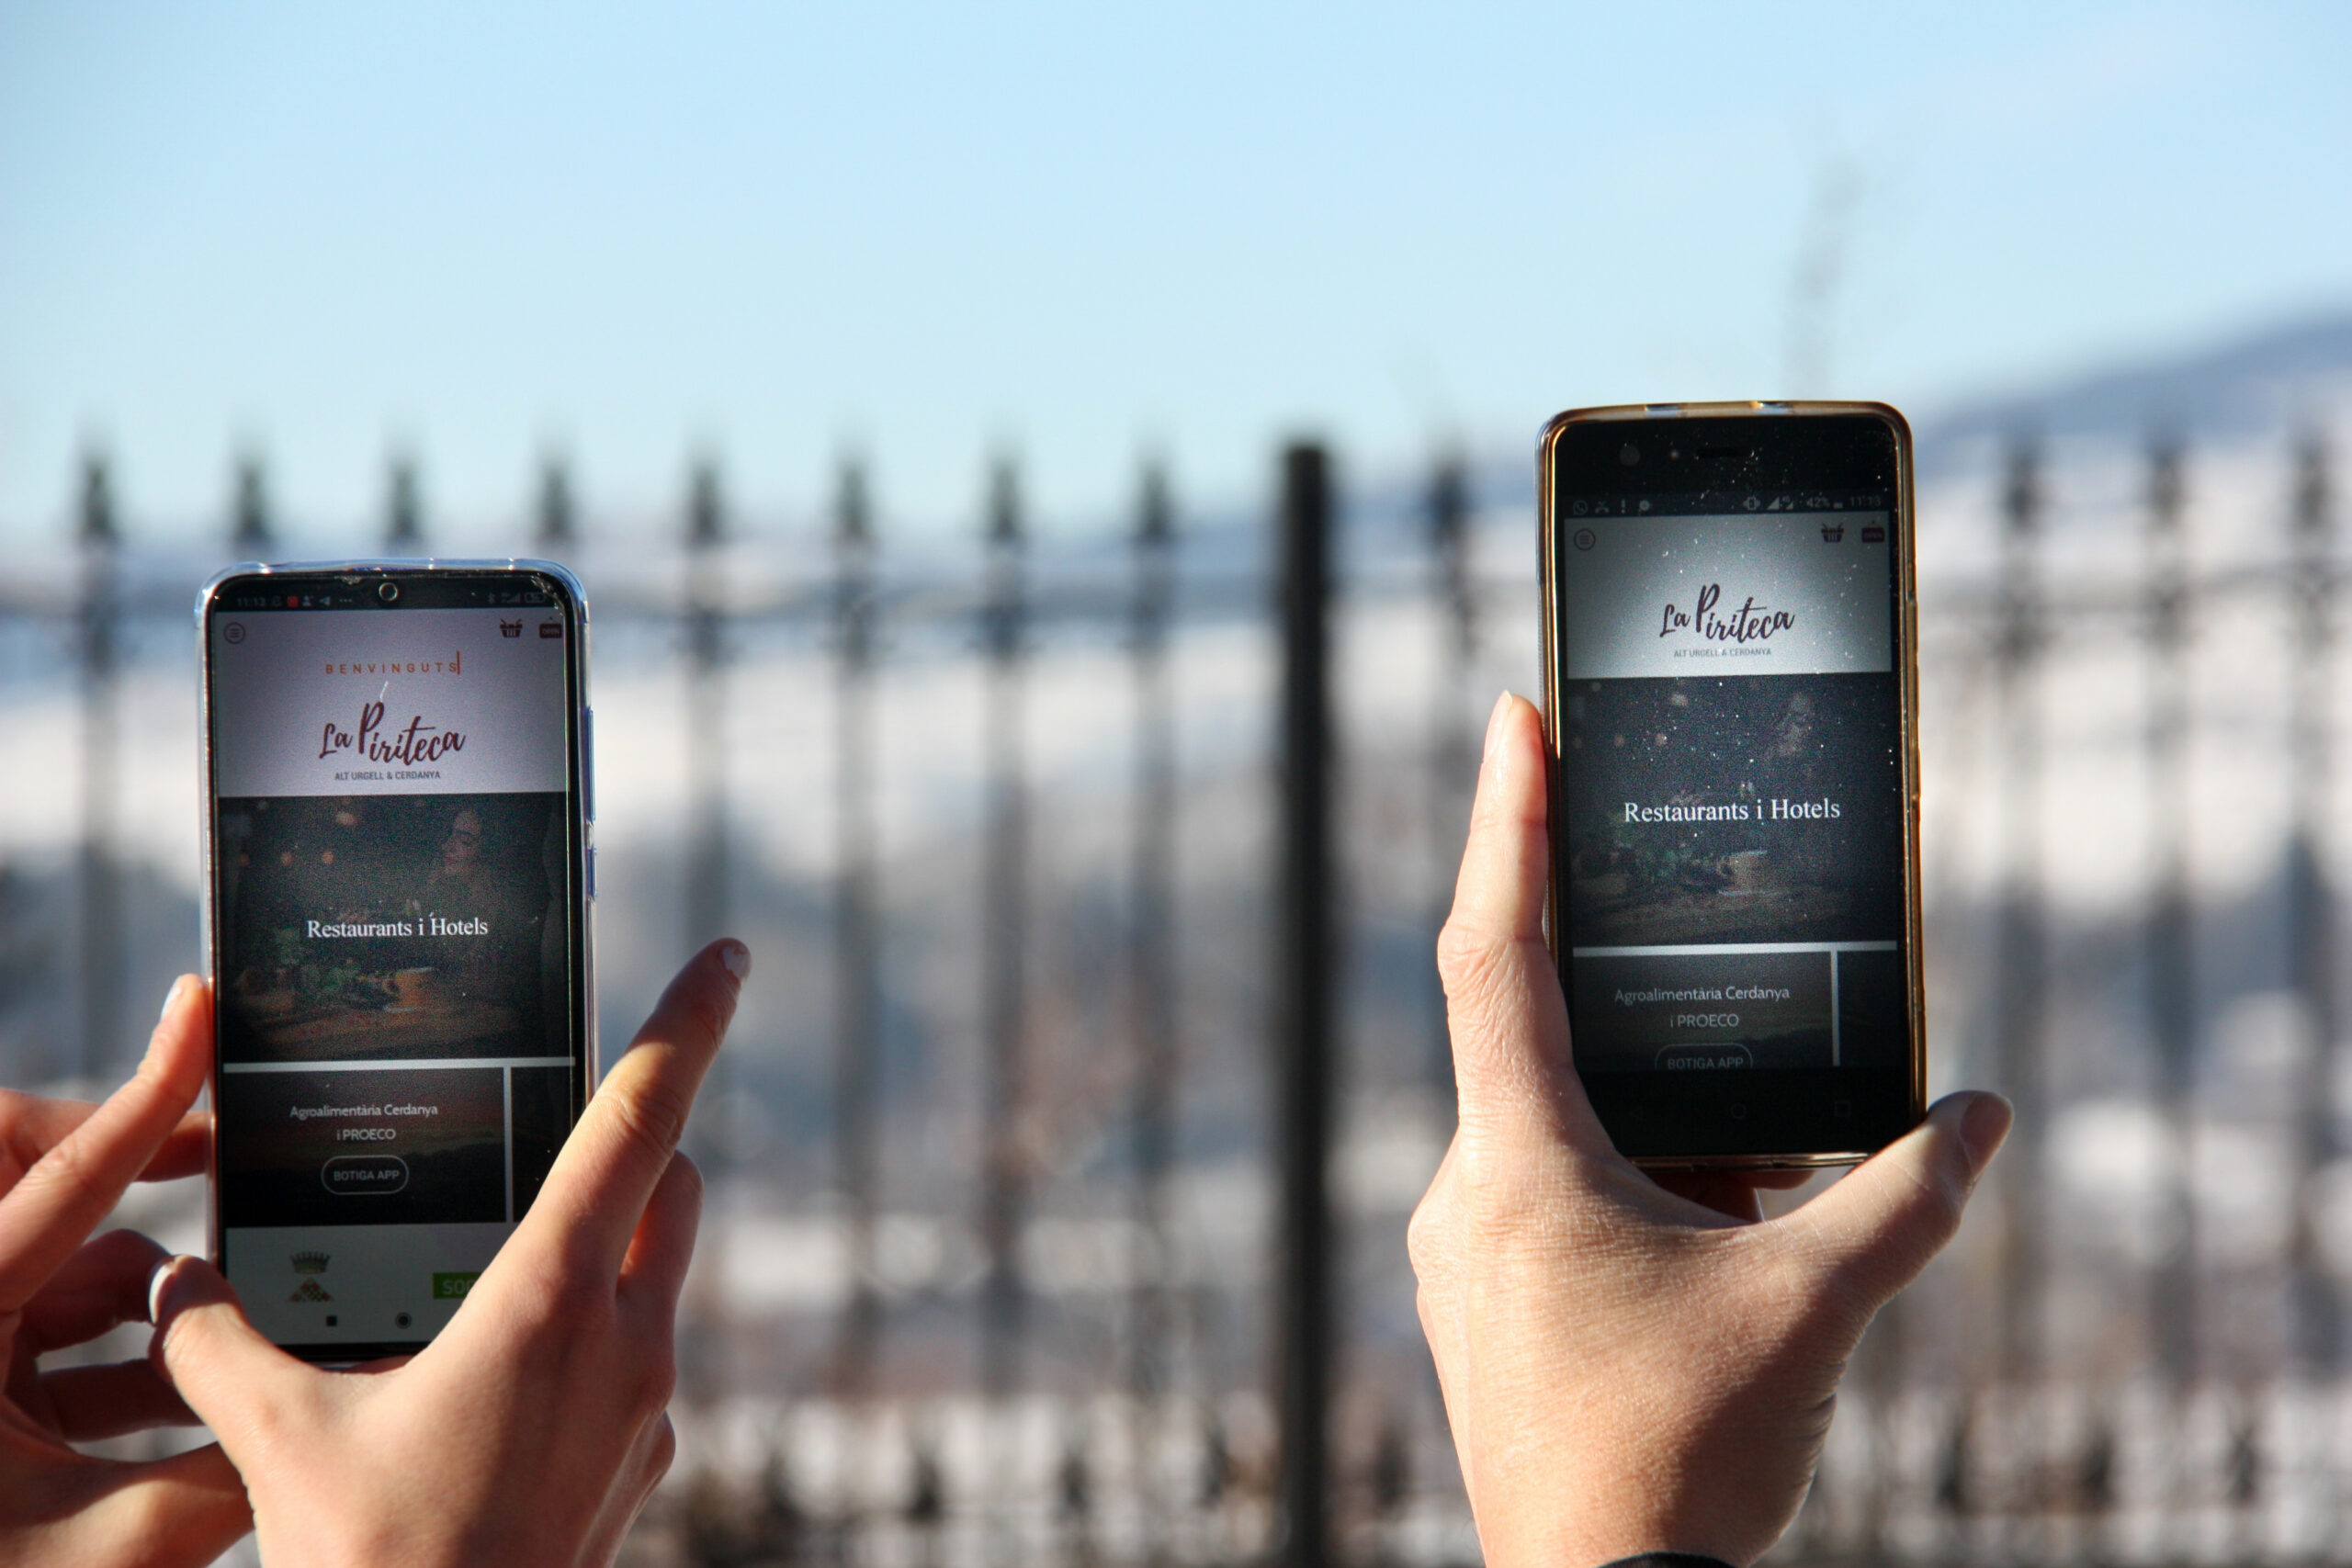 Dos telèfons mòbils amb l'aplicació 'La Piriteca' oberta i un paisatge de la Cerdanya nevada al fons   ACN